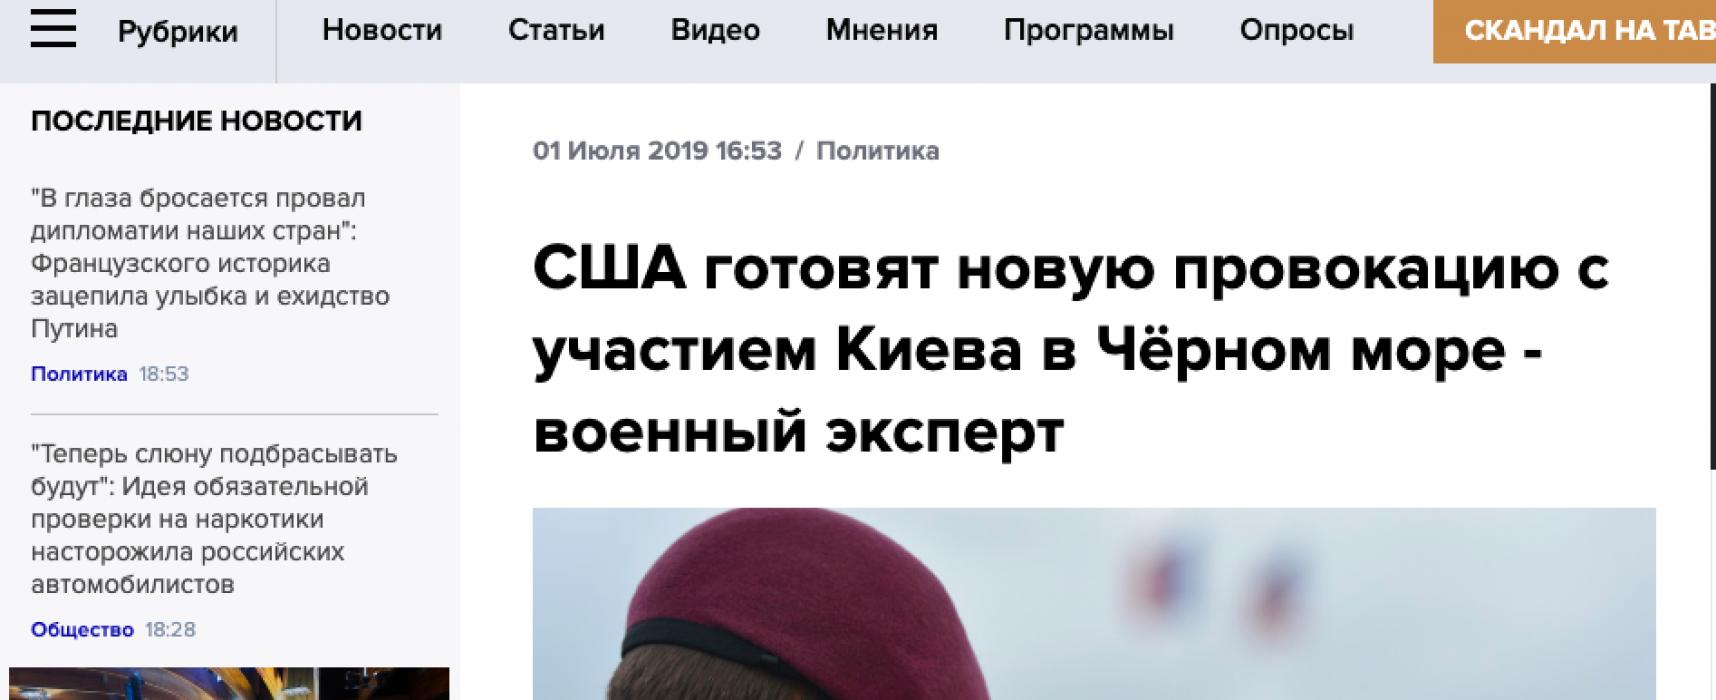 Фейк: под видом маневров «Sea Breeze» США готовят Киев к «новой провокации» против России